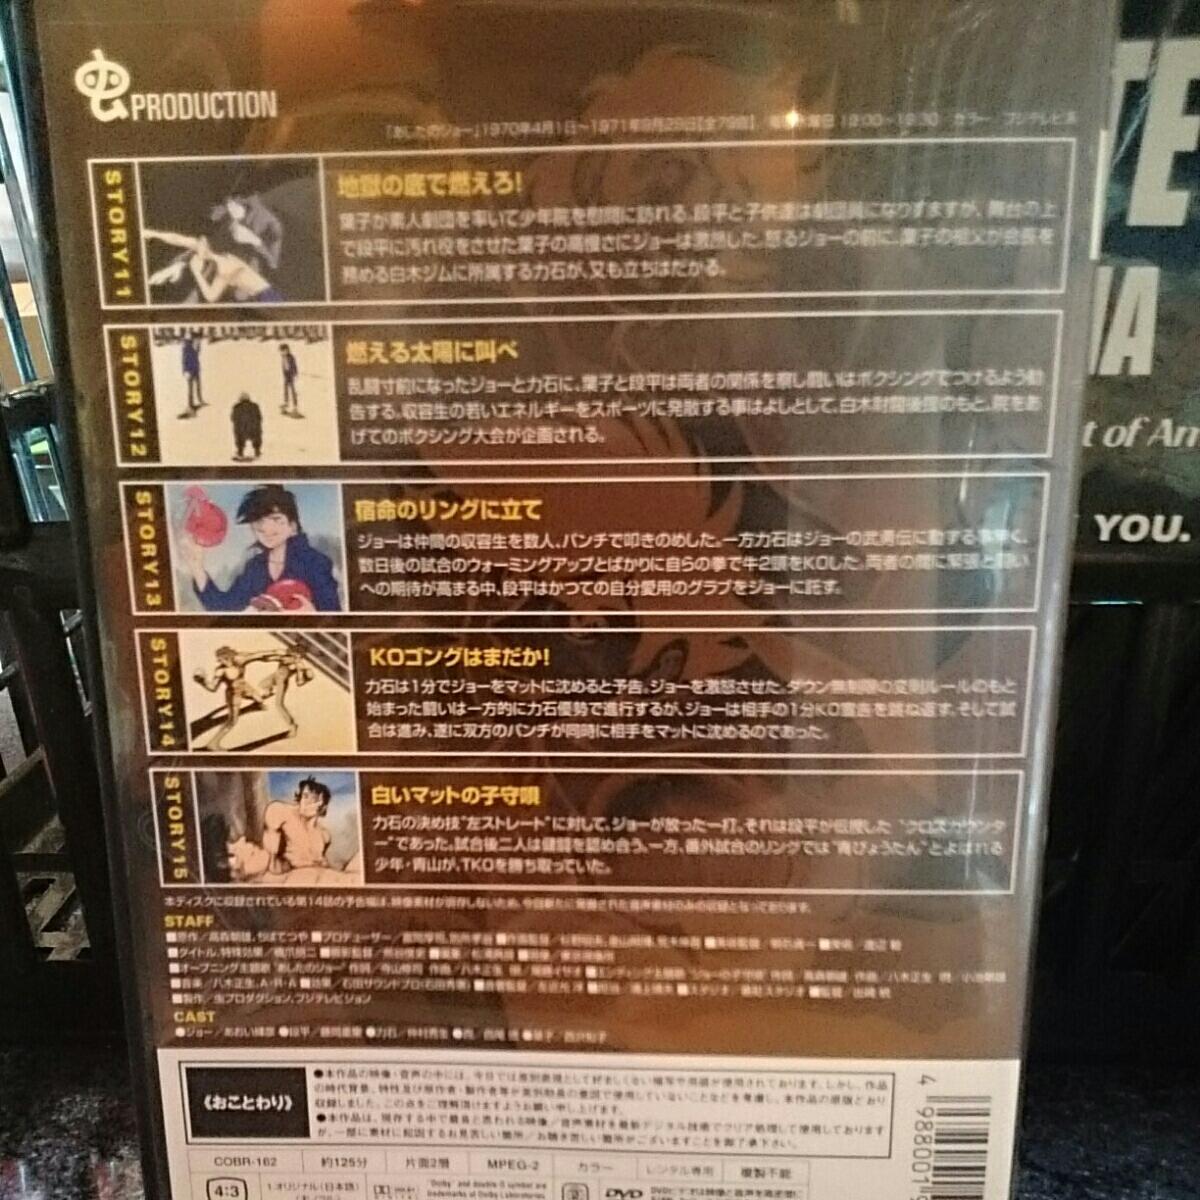 あしたのジョー vol.3 DVD レンタル落ち